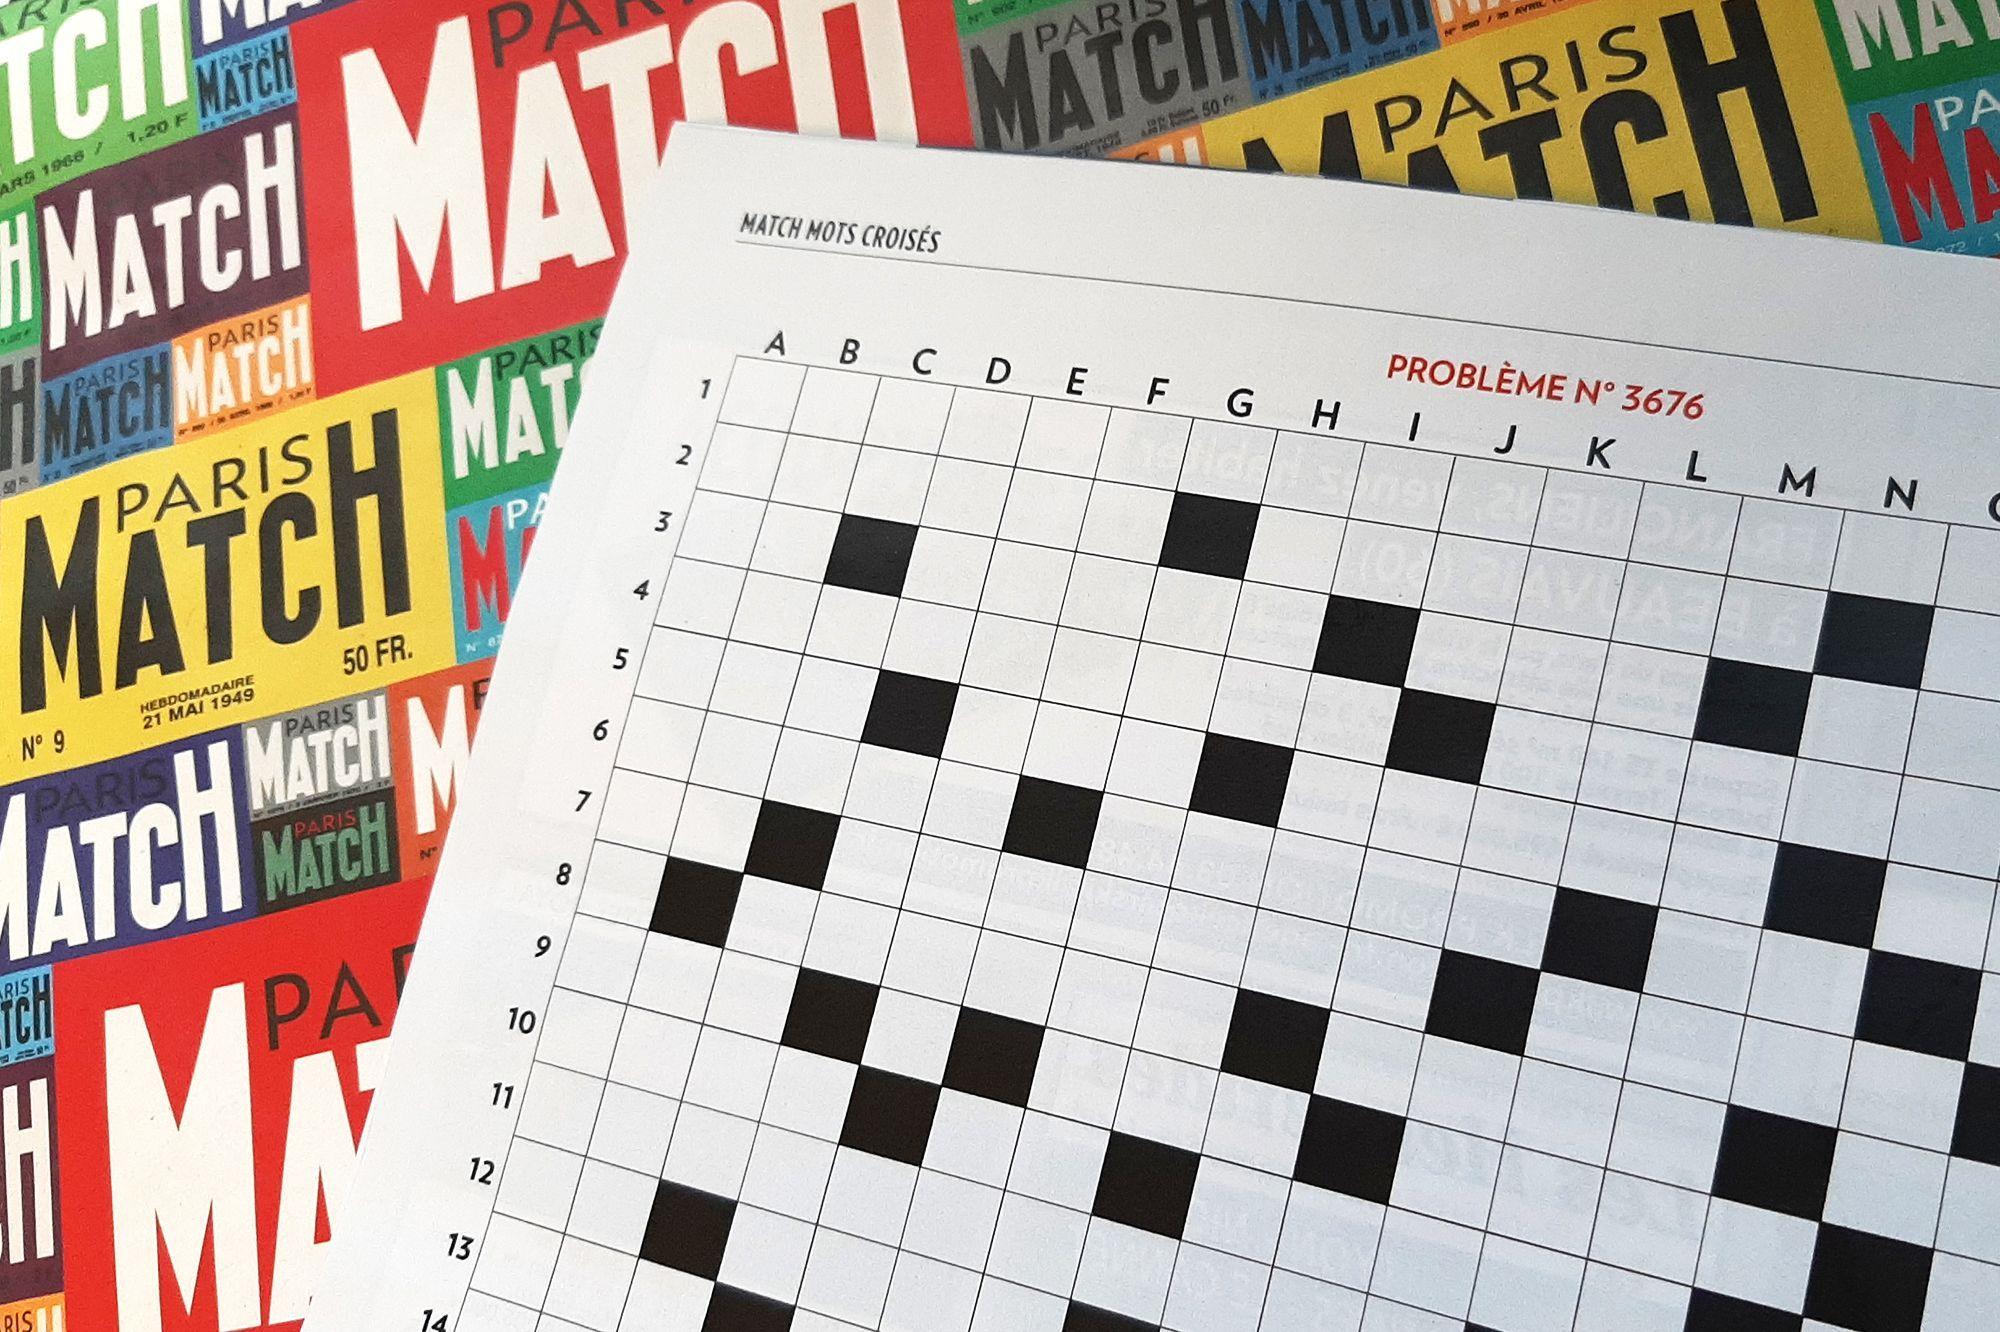 La Solution Des Mots-Croisés De Paris Match N°3676 avec Mots Croises Et Mots Fleches